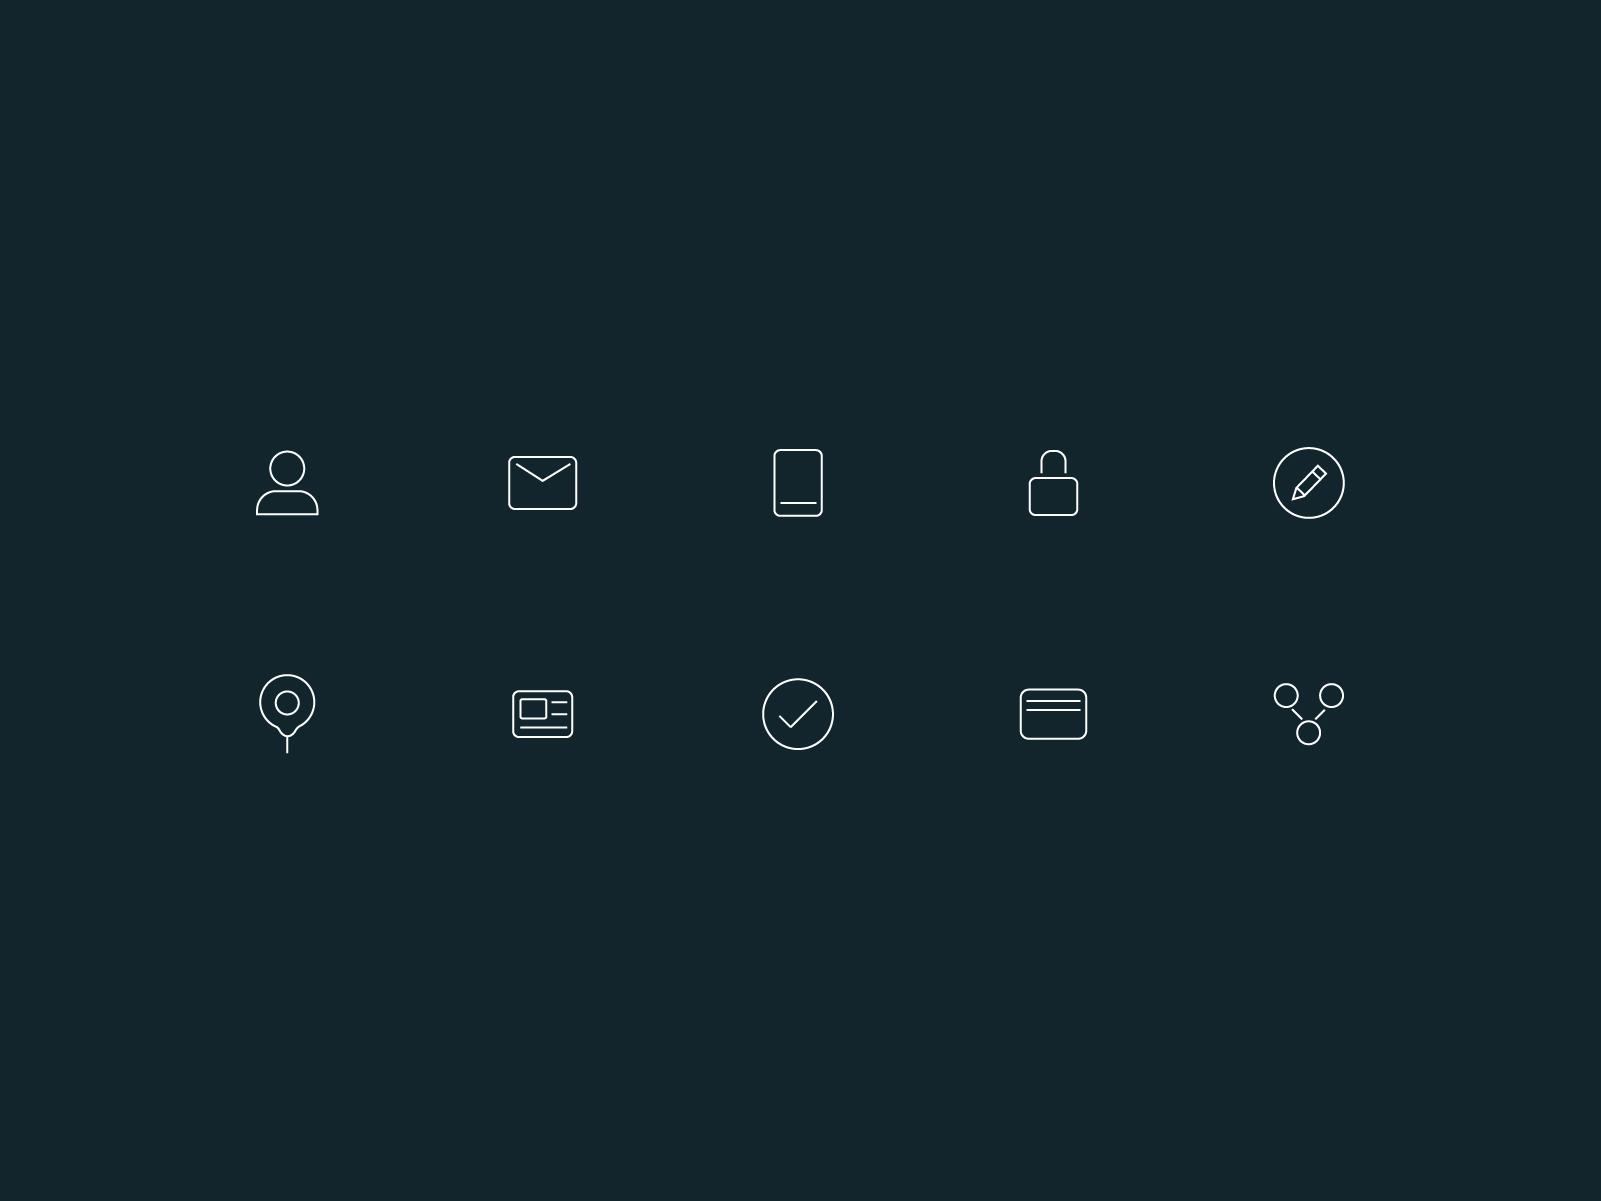 web-admin-icons-33.jpg